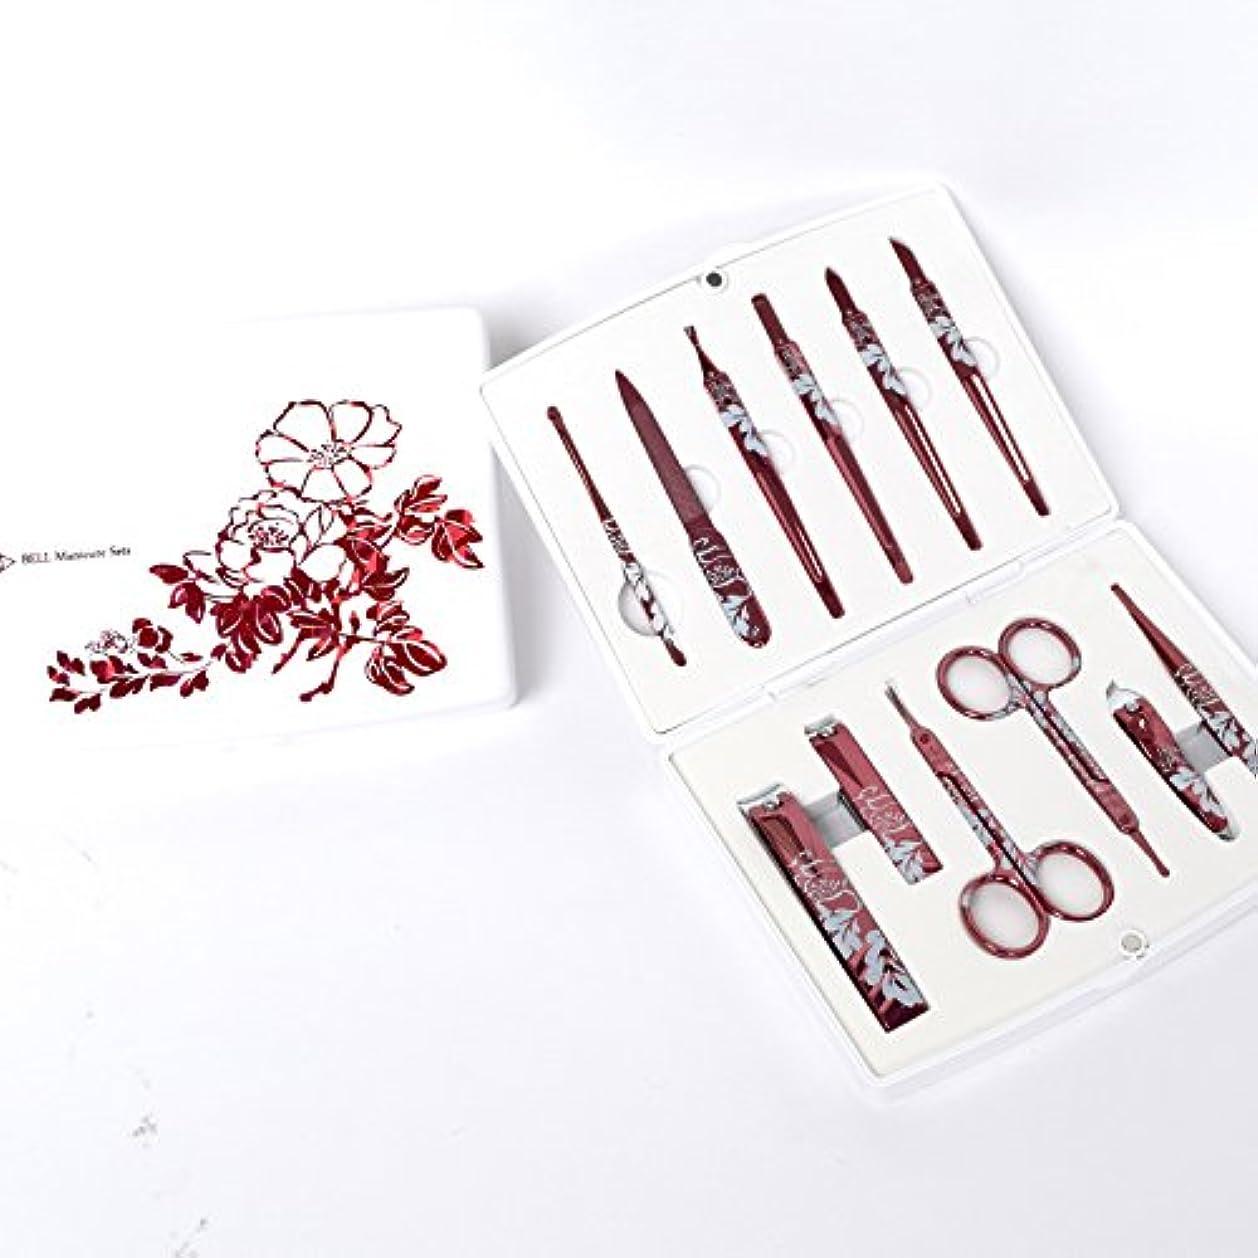 ワイン夜昇進BELL Manicure Sets BM-500A ポータブル爪の管理セット 爪切りセット 高品質のネイルケアセット高級感のある東洋画のデザイン Portable Nail Clippers Nail Care Set